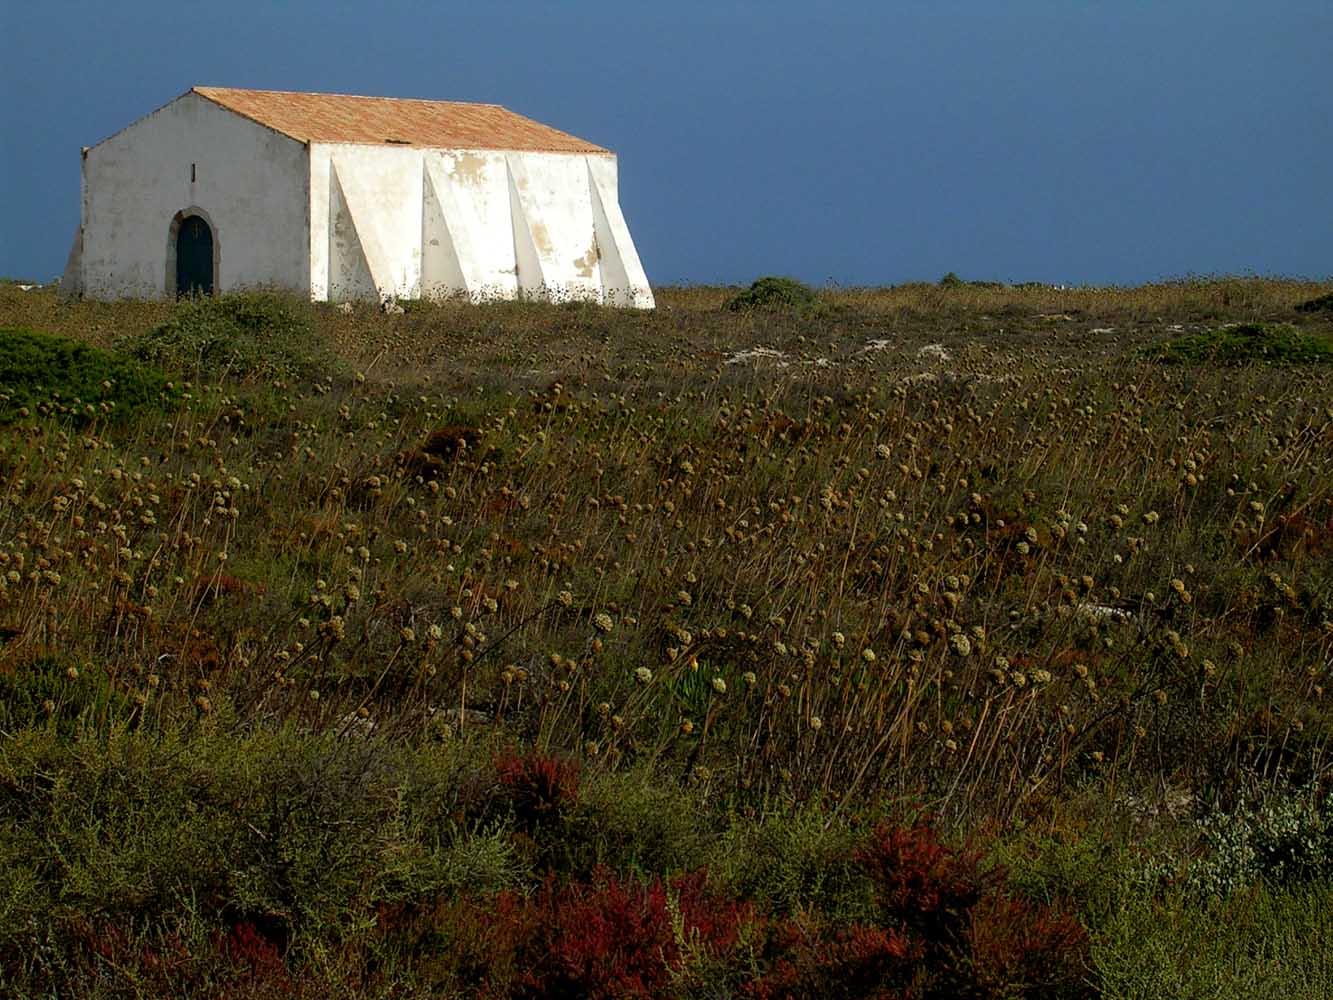 L'edificio nel campo